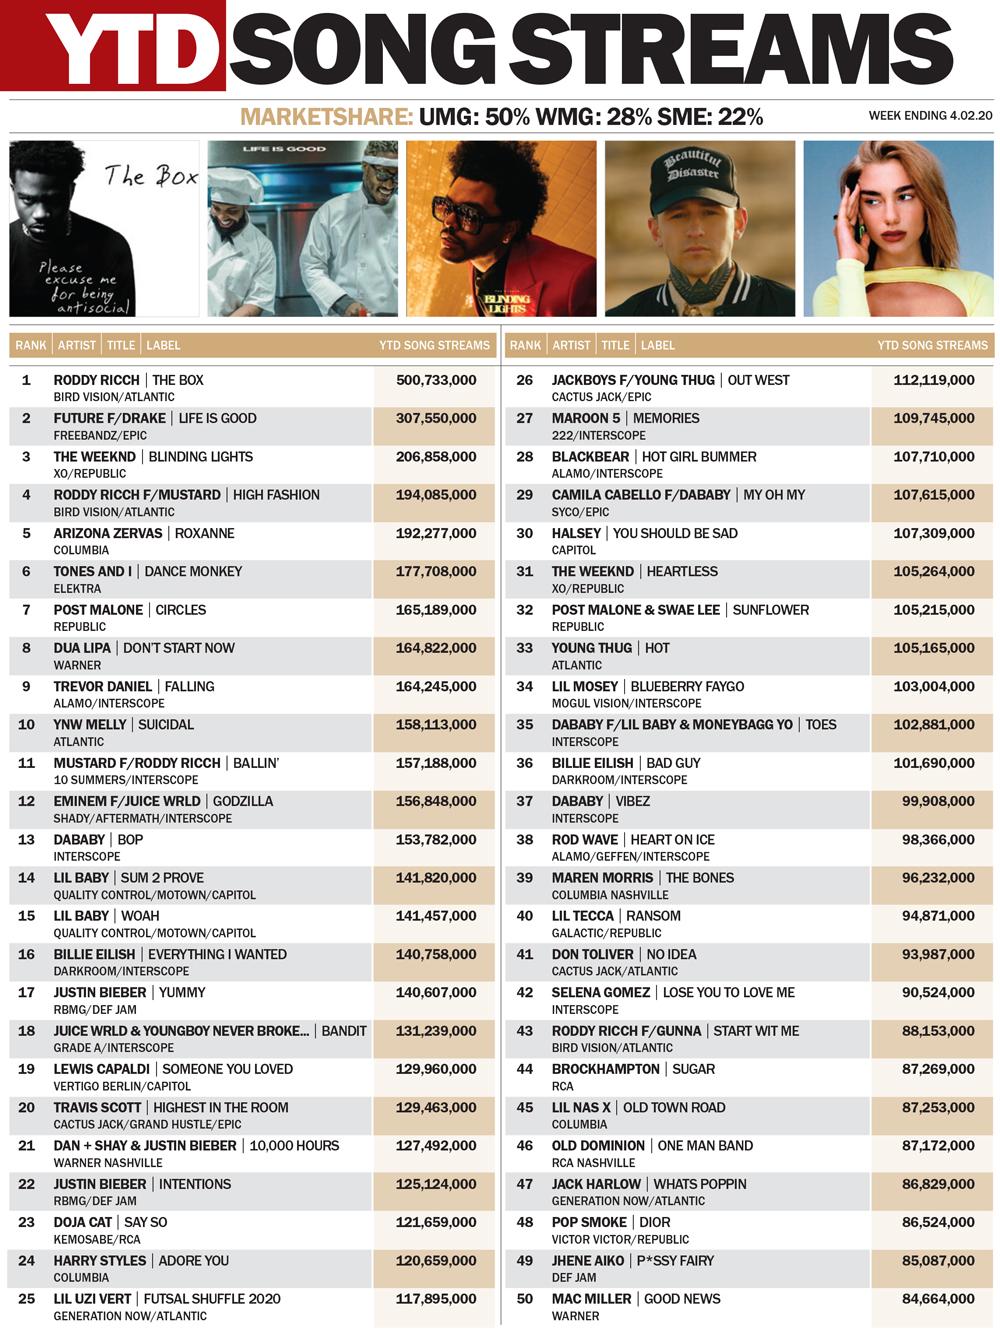 HITS Q1 TOP 50 SONG STREAMS